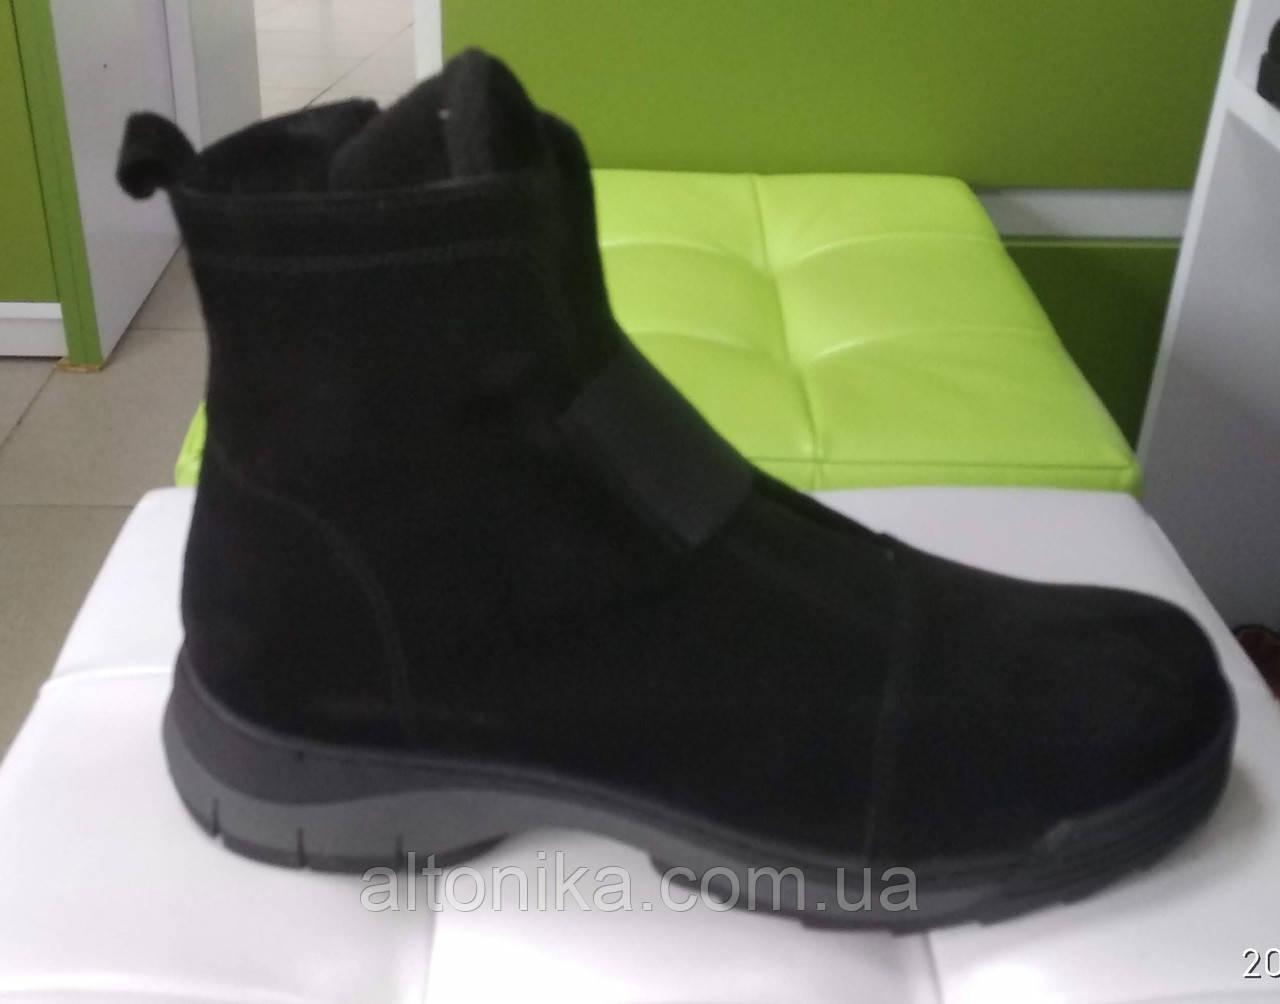 STTOPA 43р зима! Размеры 41-43!Ботинки из натуральной кожи больших размеров! С9-47-4143-4-3343